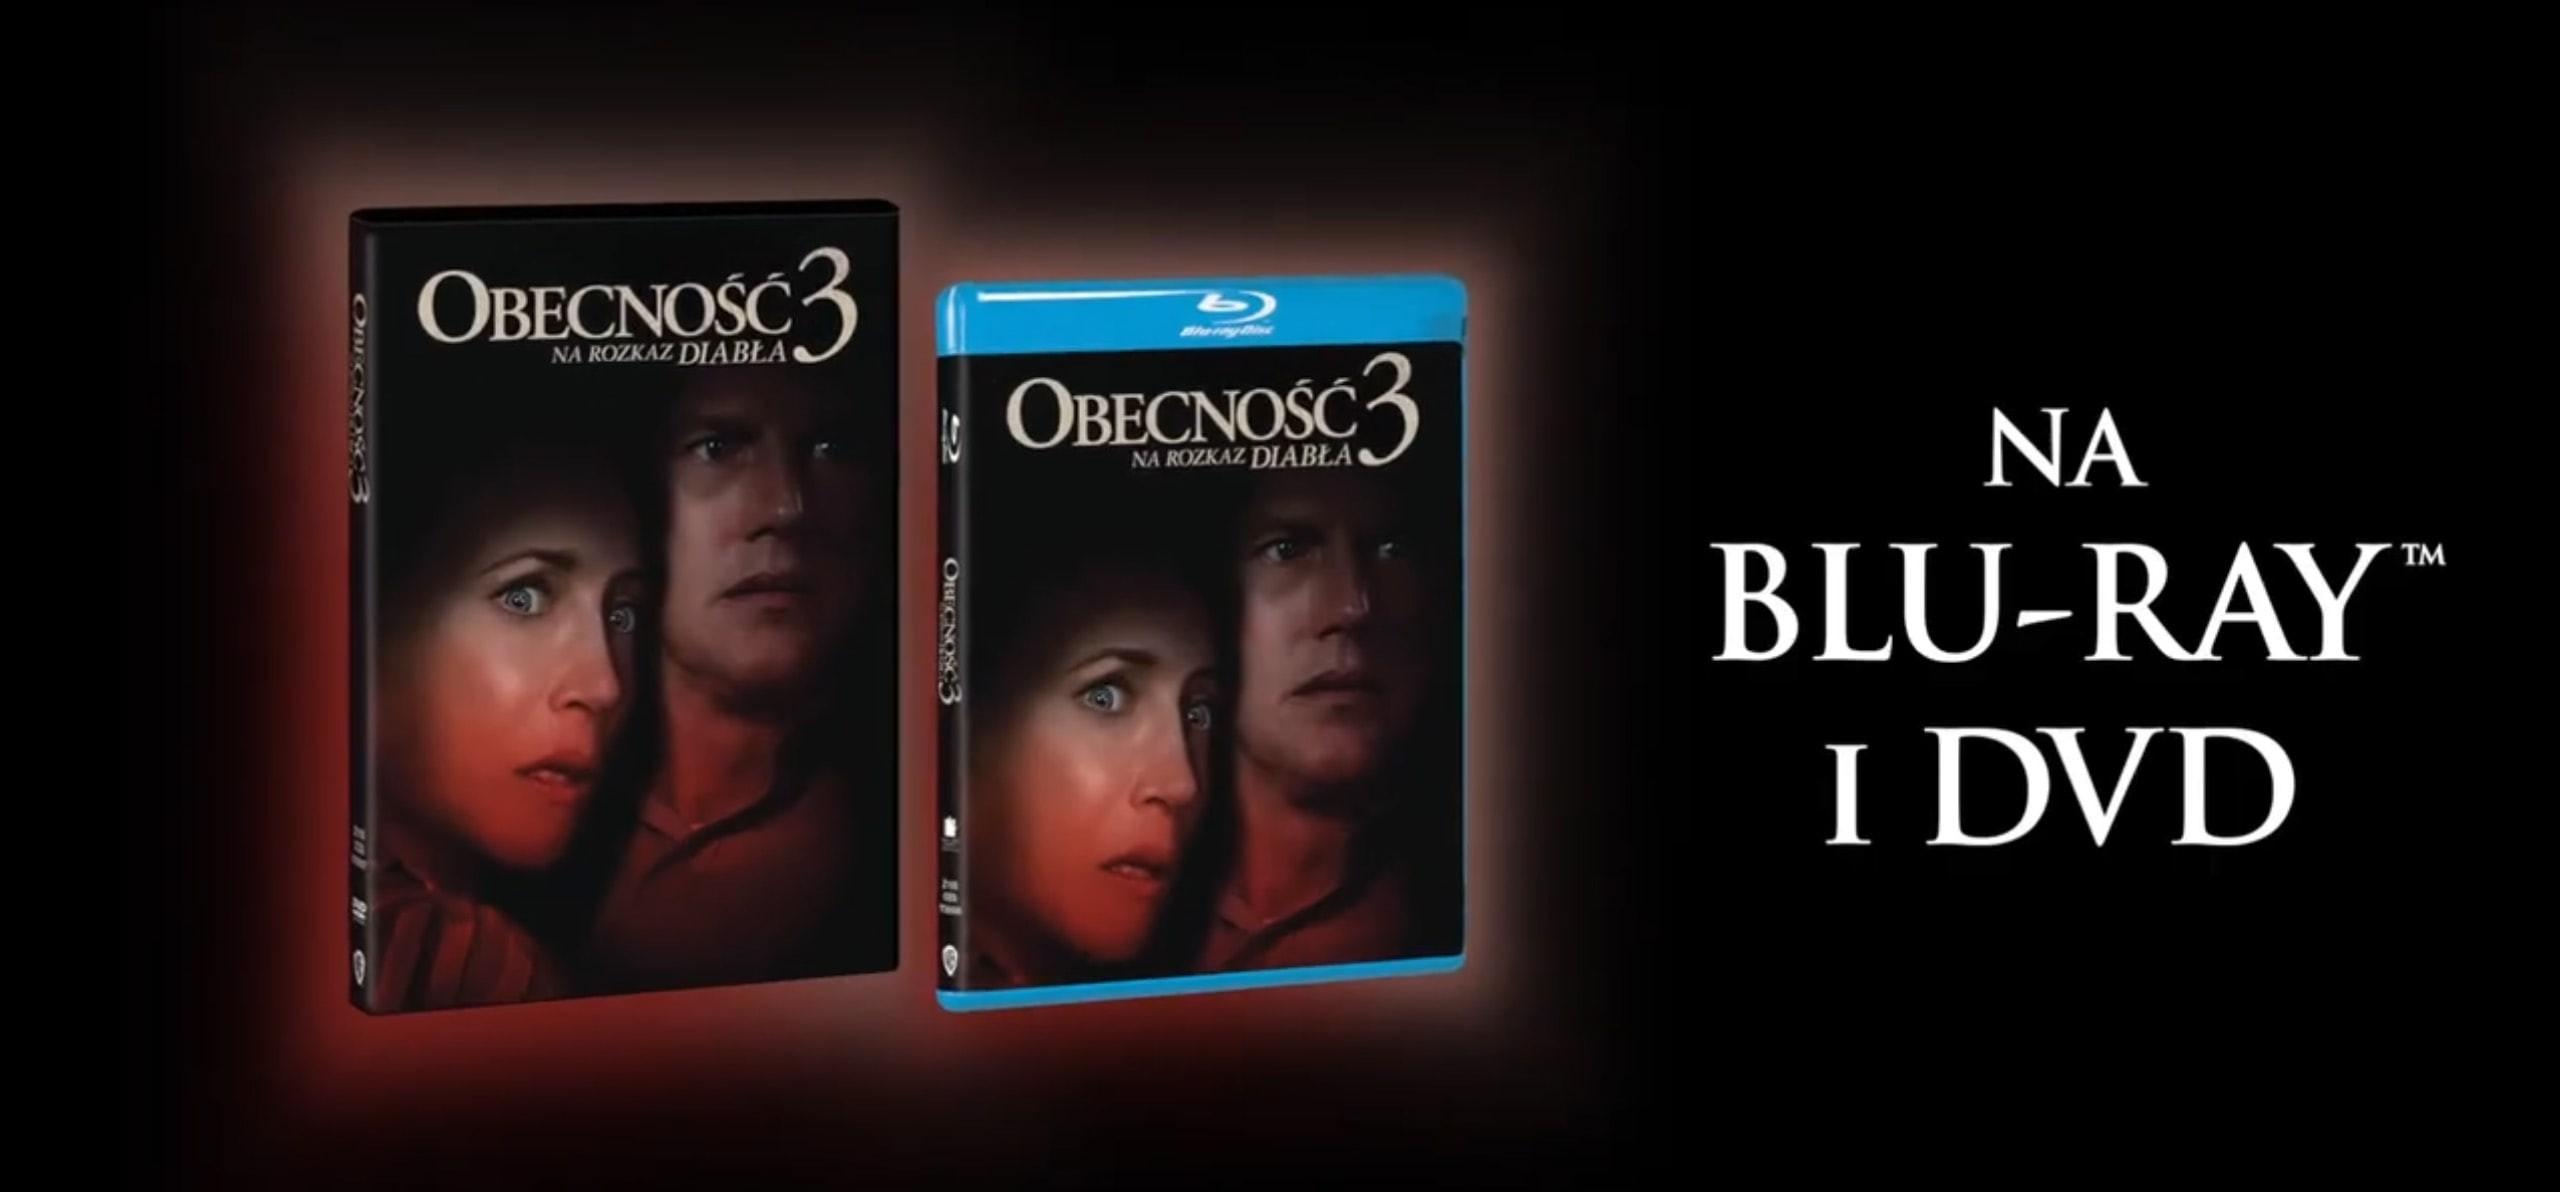 obecnosc 3 wydania DVD, Blu-ray